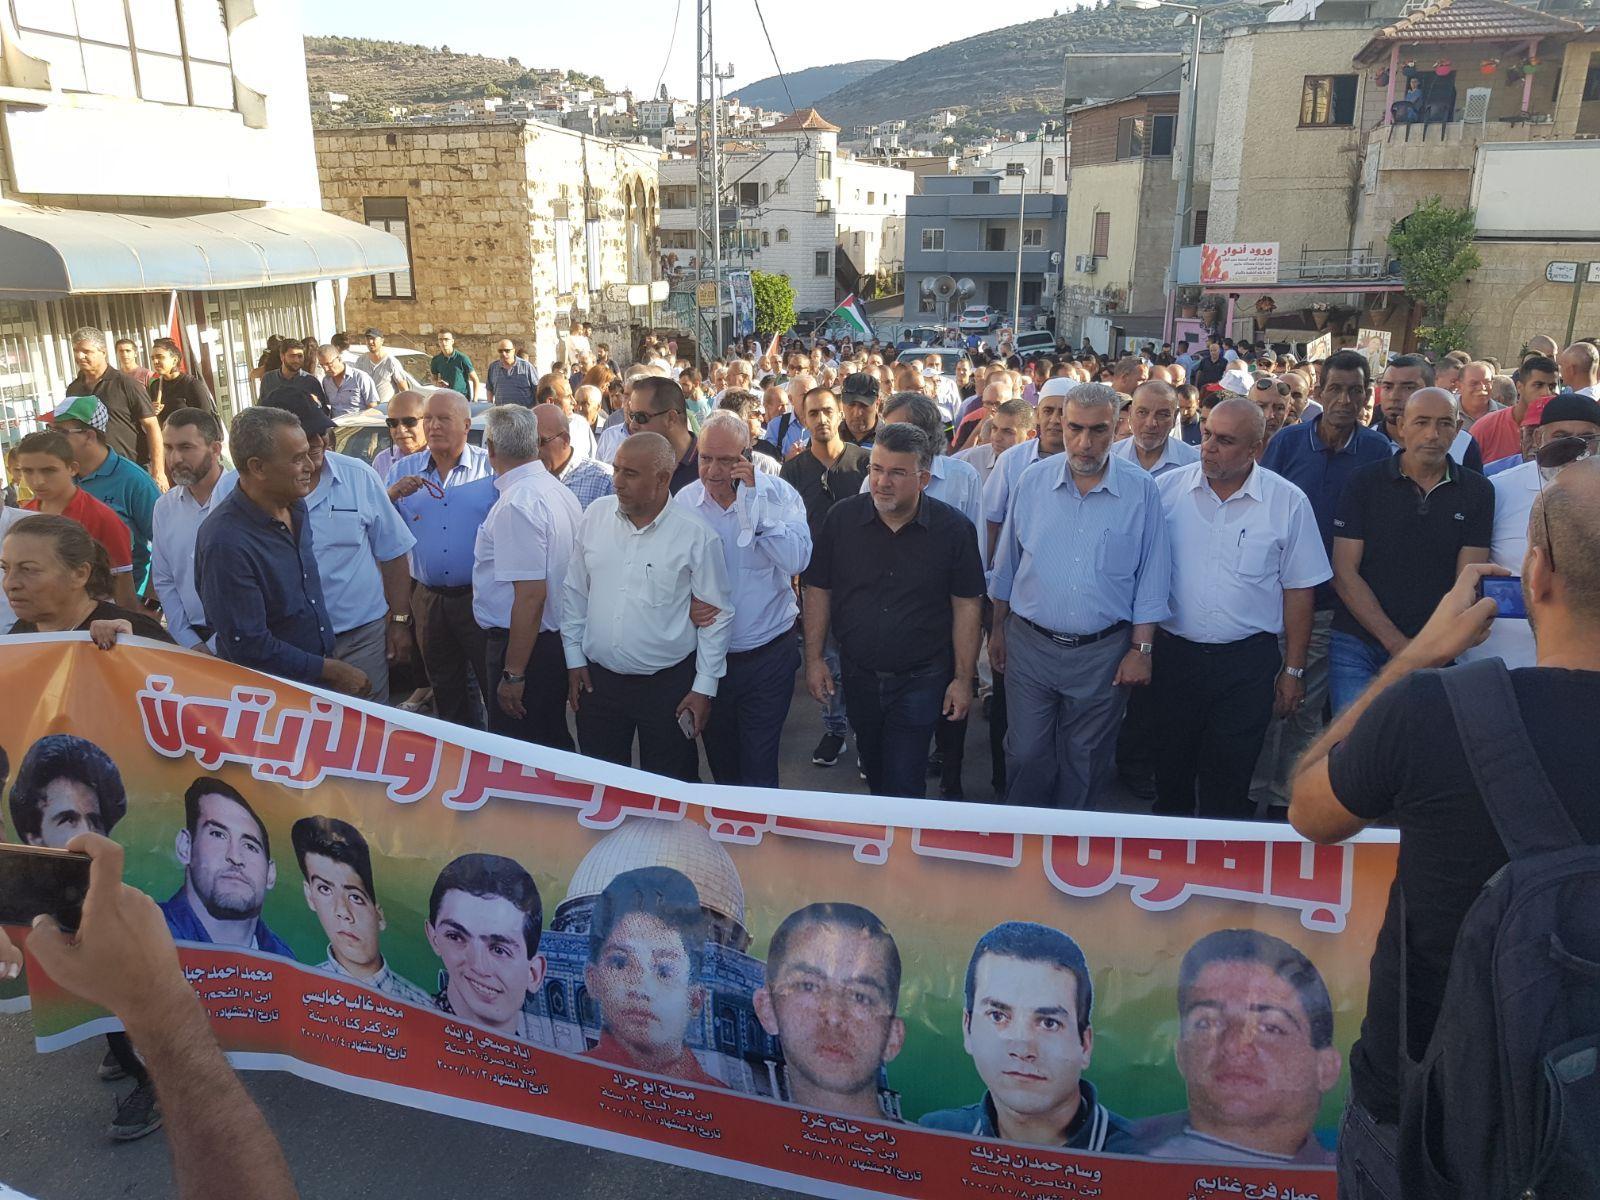 سخنين تحتضن المسيرة والمهرجان المركزي للذكرى الـ17 لهبة القدس والأقصى